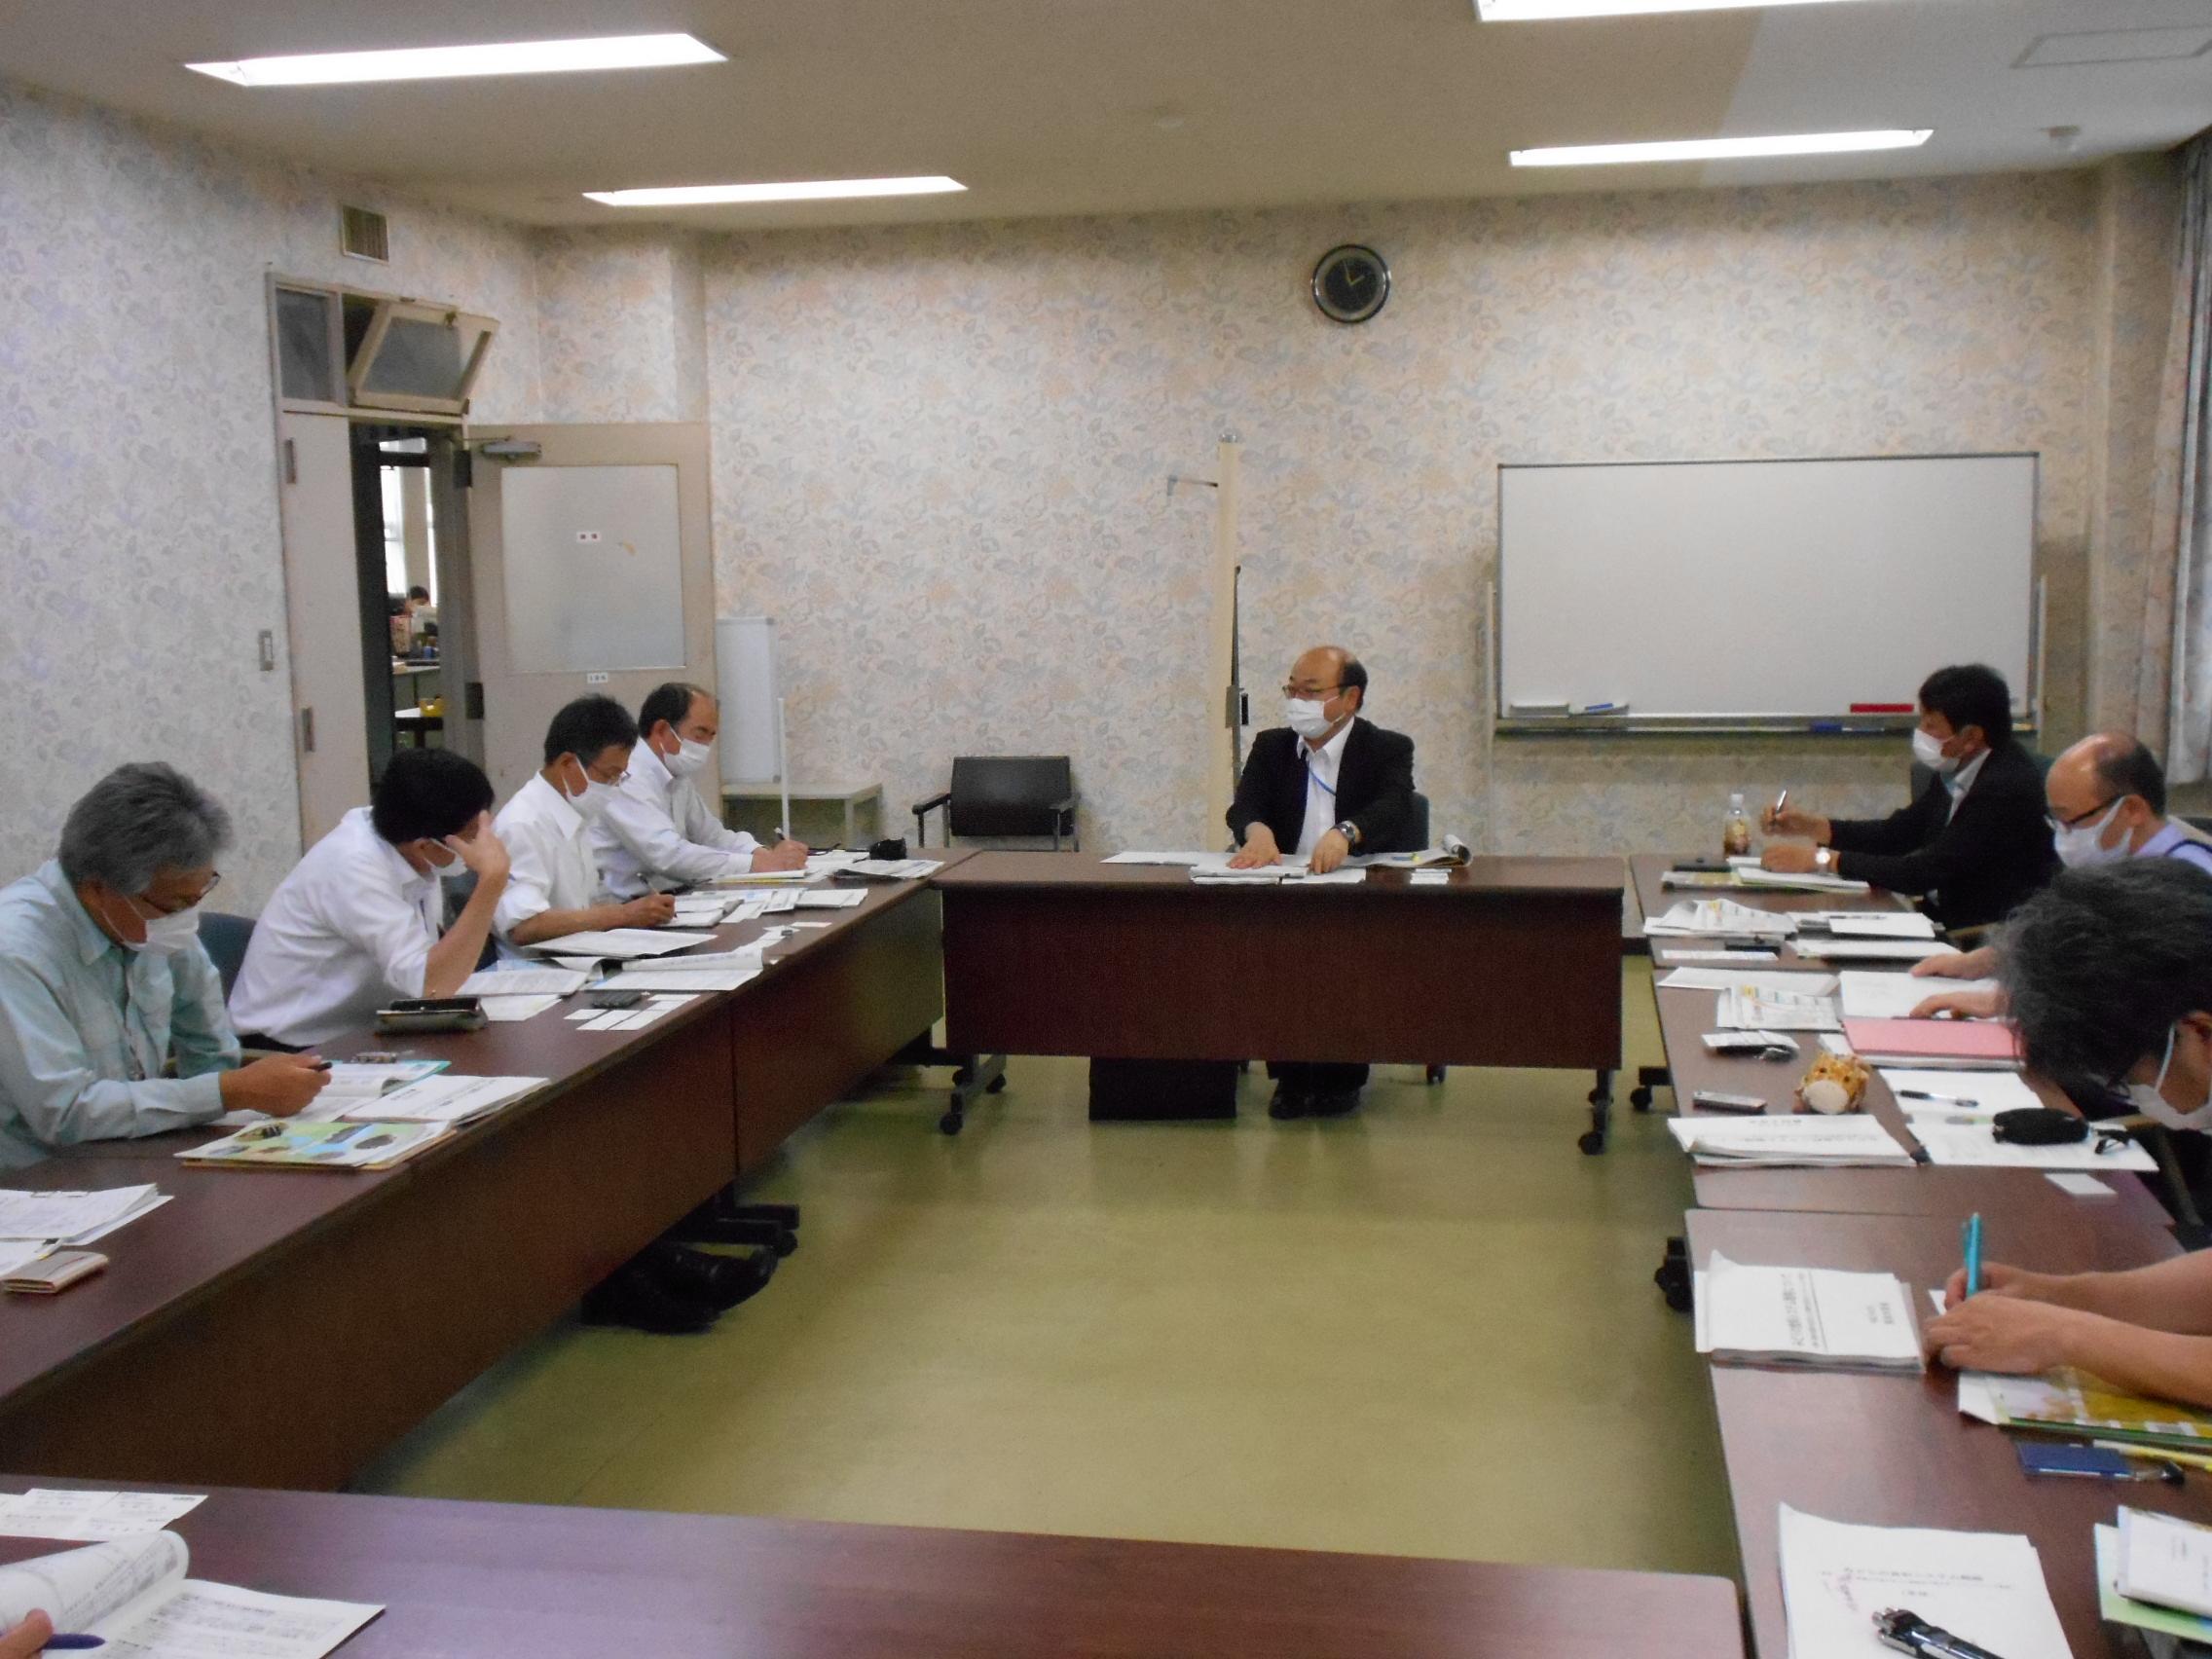 滋賀県農業技術振興センターとの意見交換を実施しました